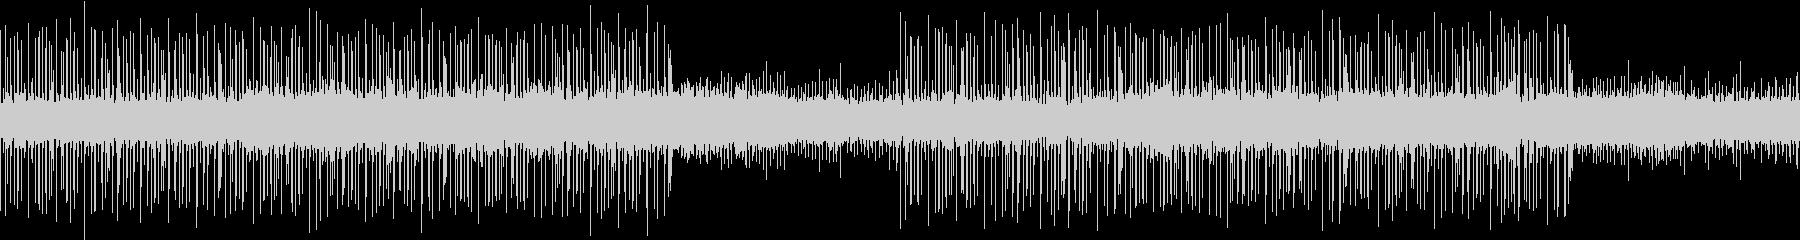 ループ:柔らかく勢いあるドラムンベースの未再生の波形